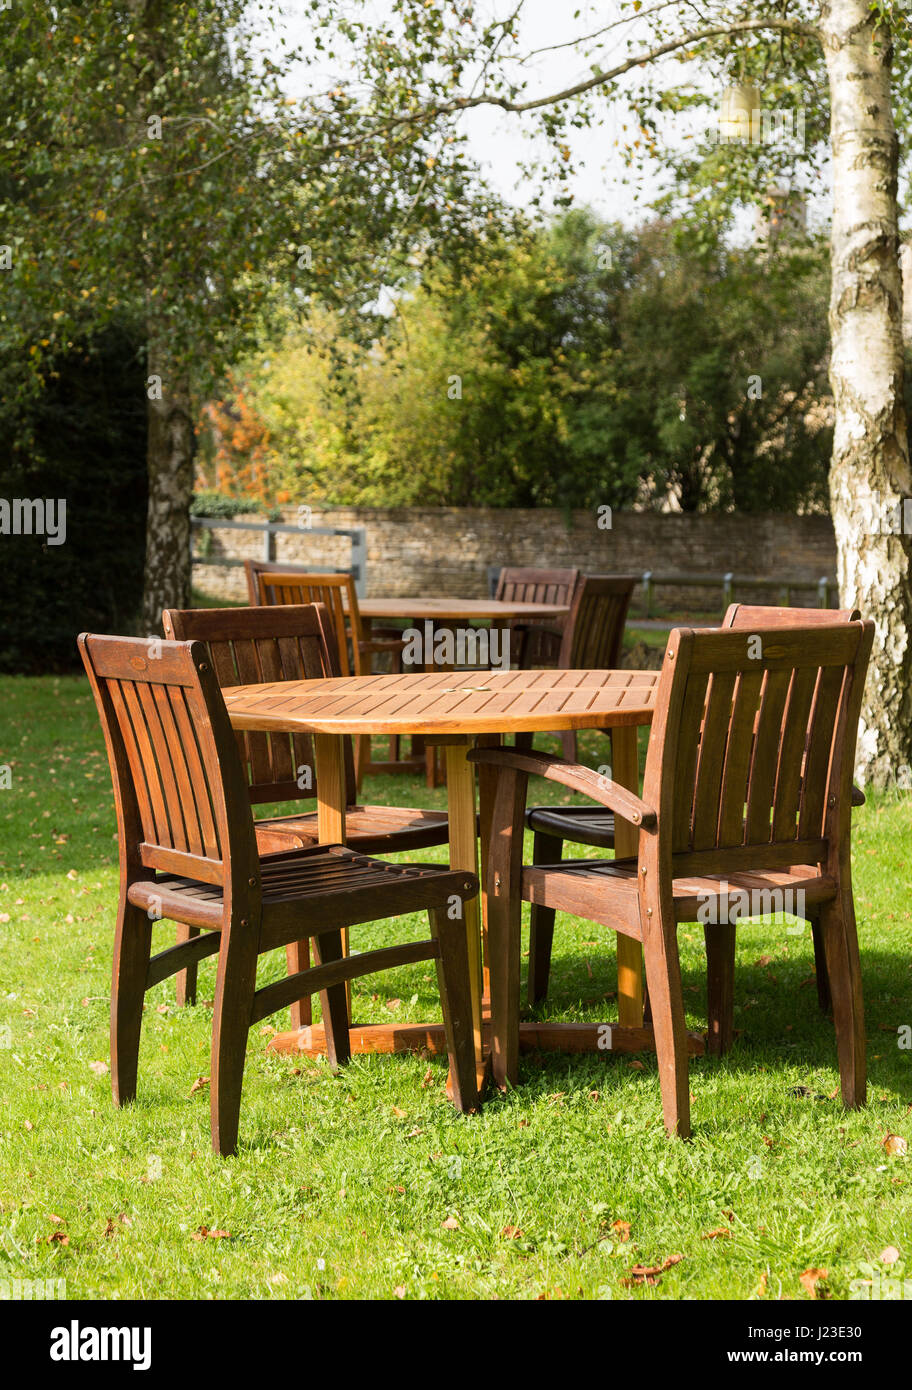 Mobili da giardino - tavoli e sedie Immagini Stock